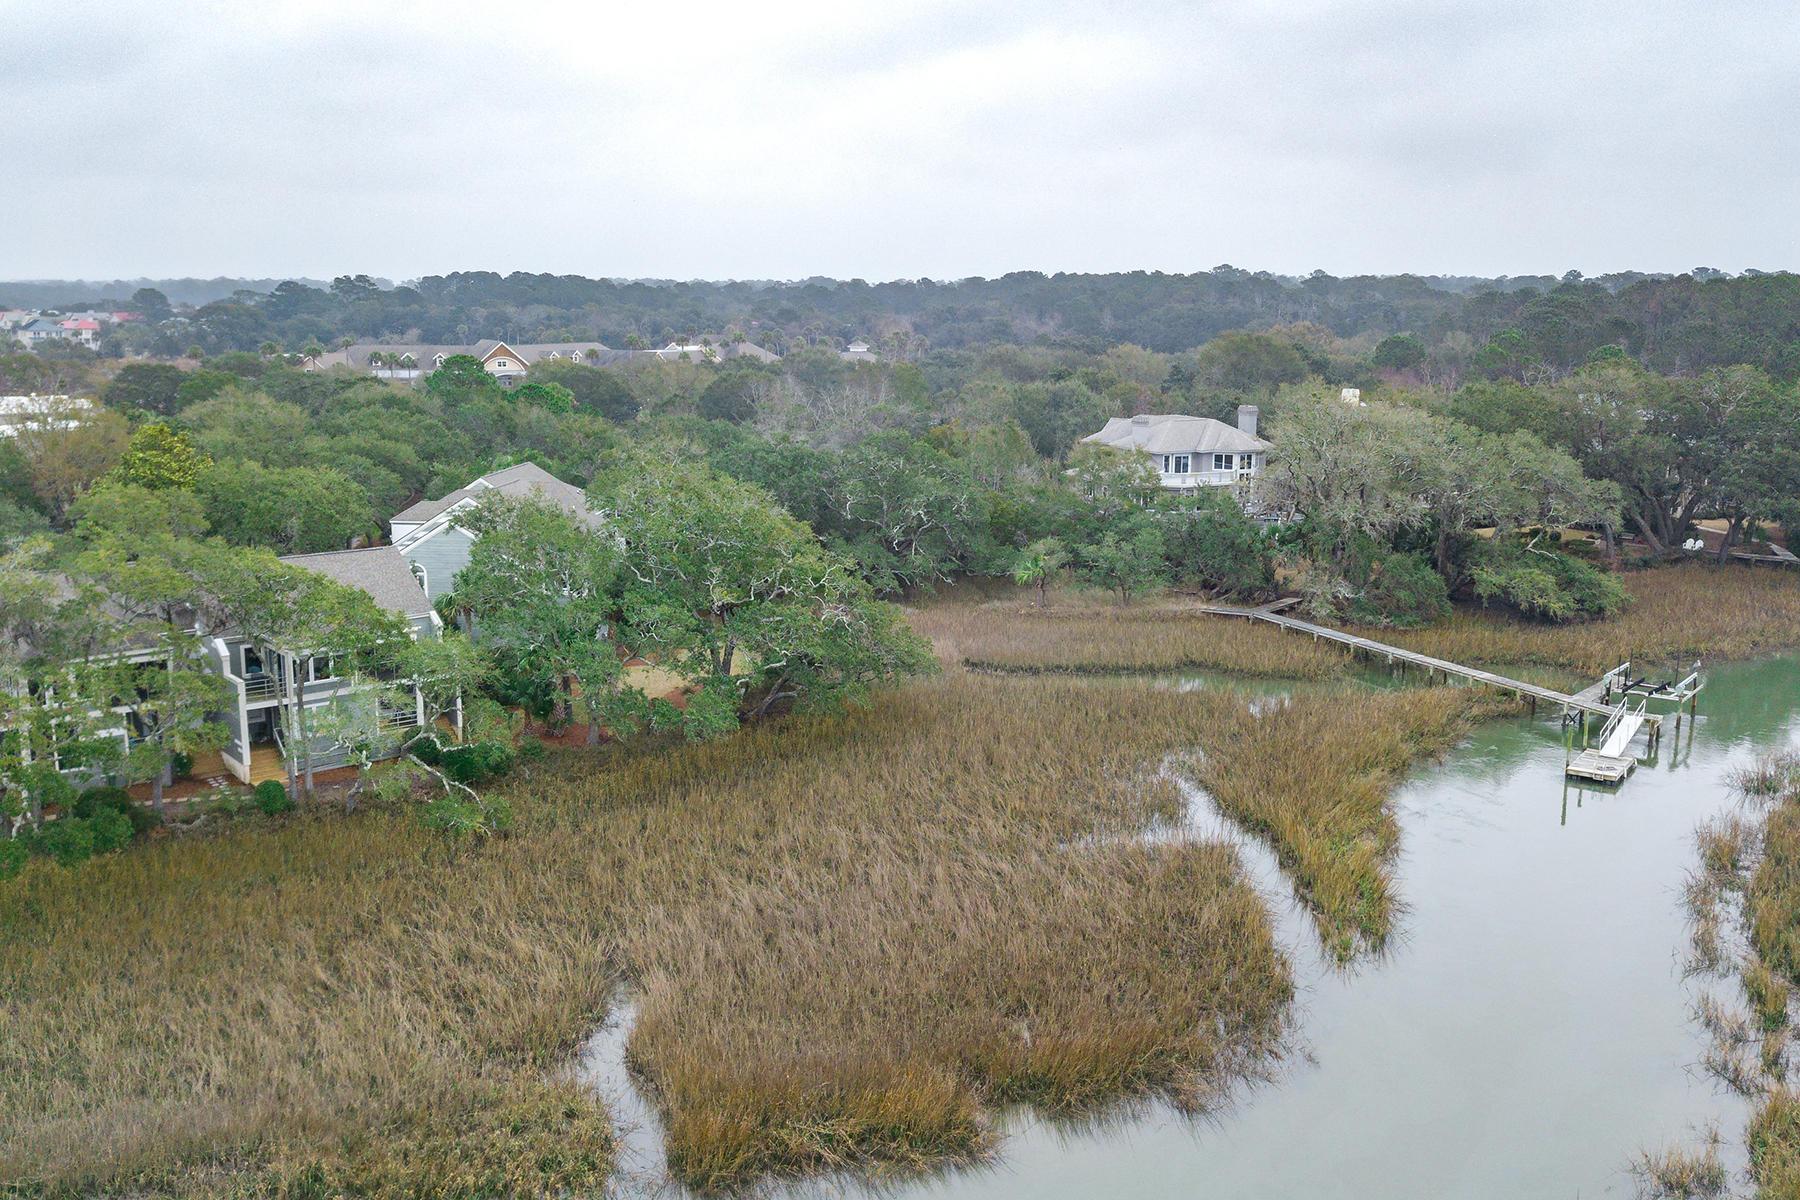 Seabrook Island Homes For Sale - 1701 Live Oak, Seabrook Island, SC - 8